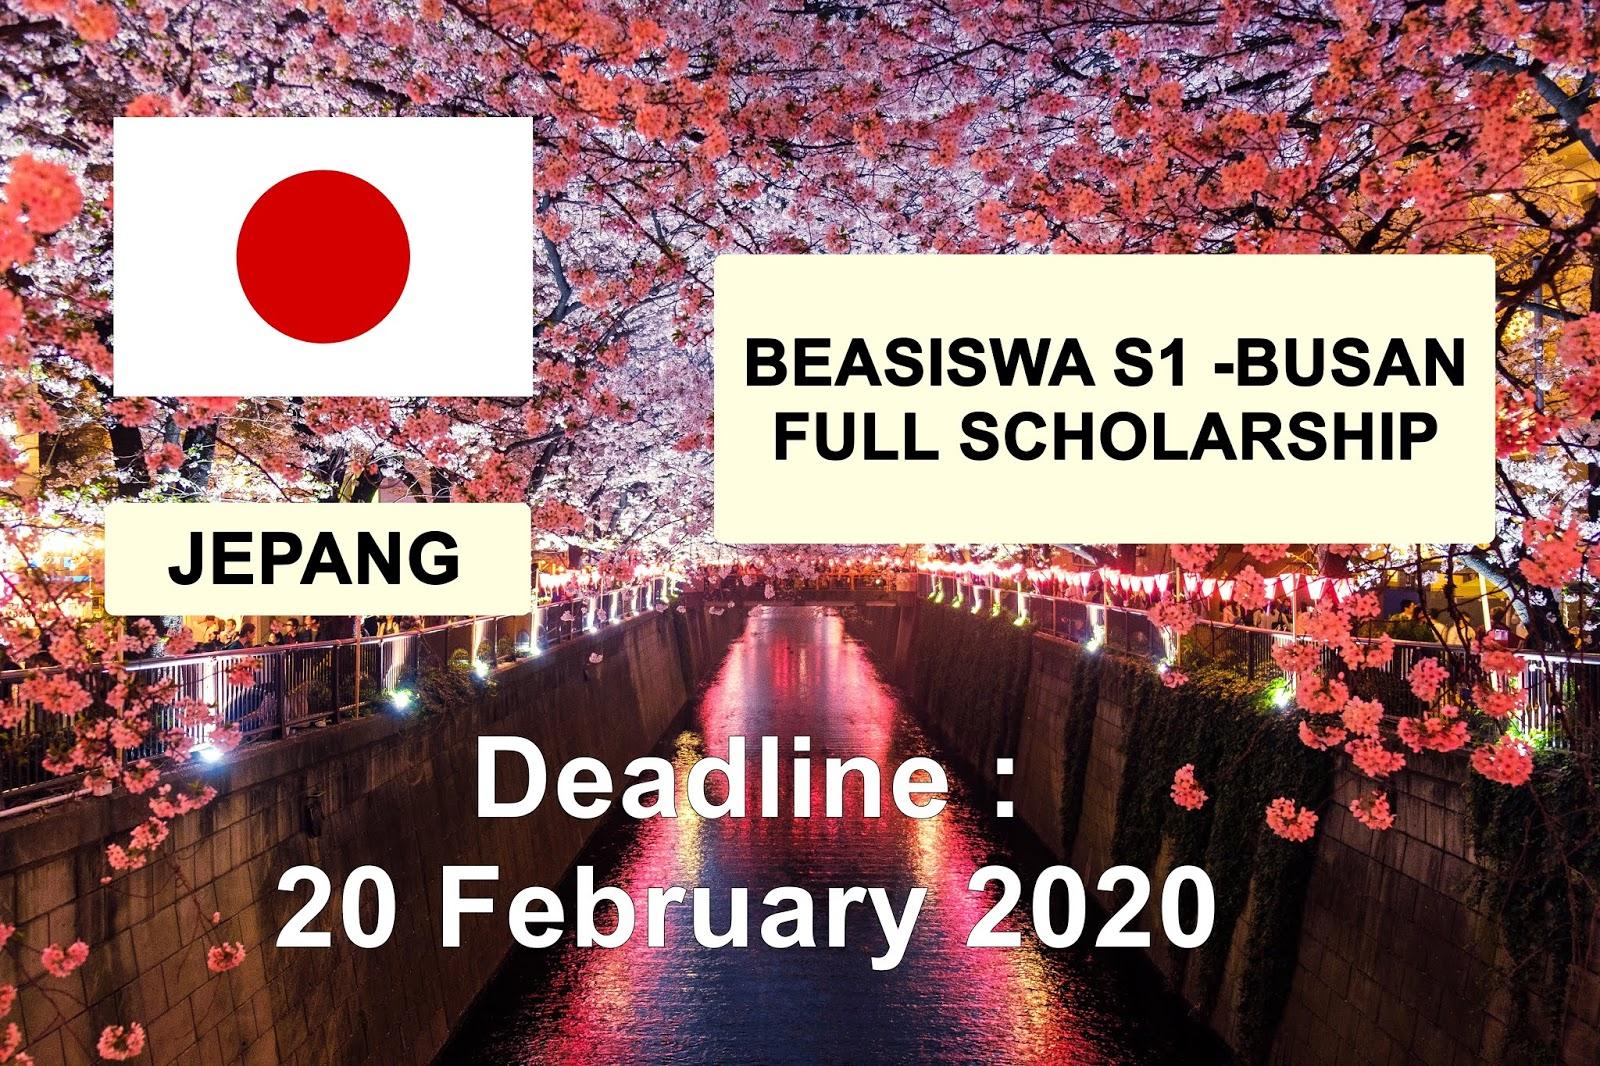 BEASISWA KULIAH GRATIS S1 JEPANG 2020 Mitsui - Bussan ...